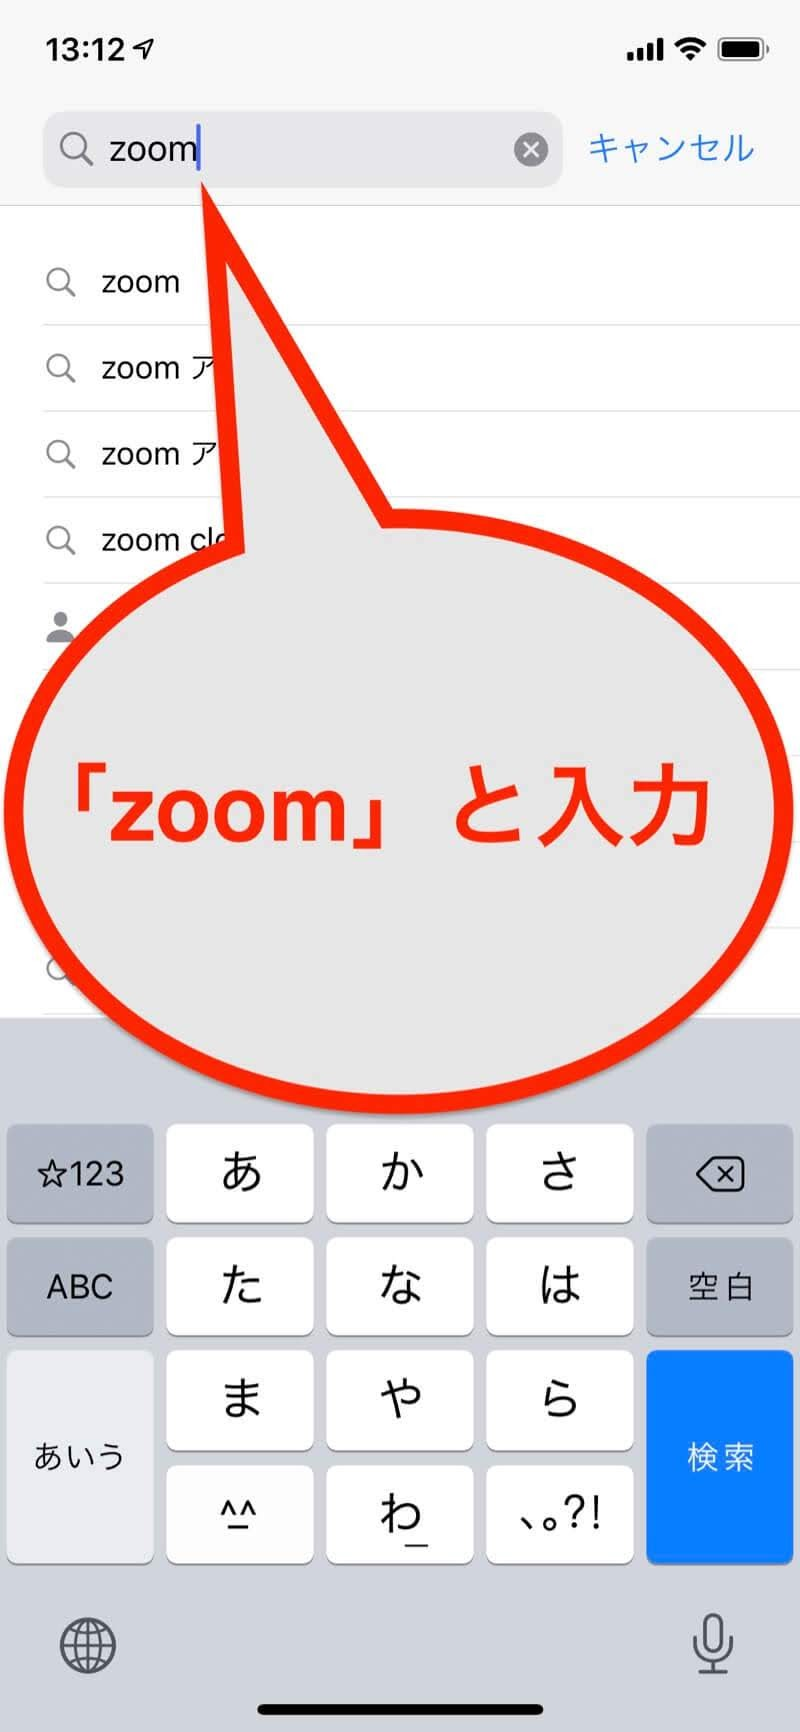 zoom参加方法のiPhone画像4